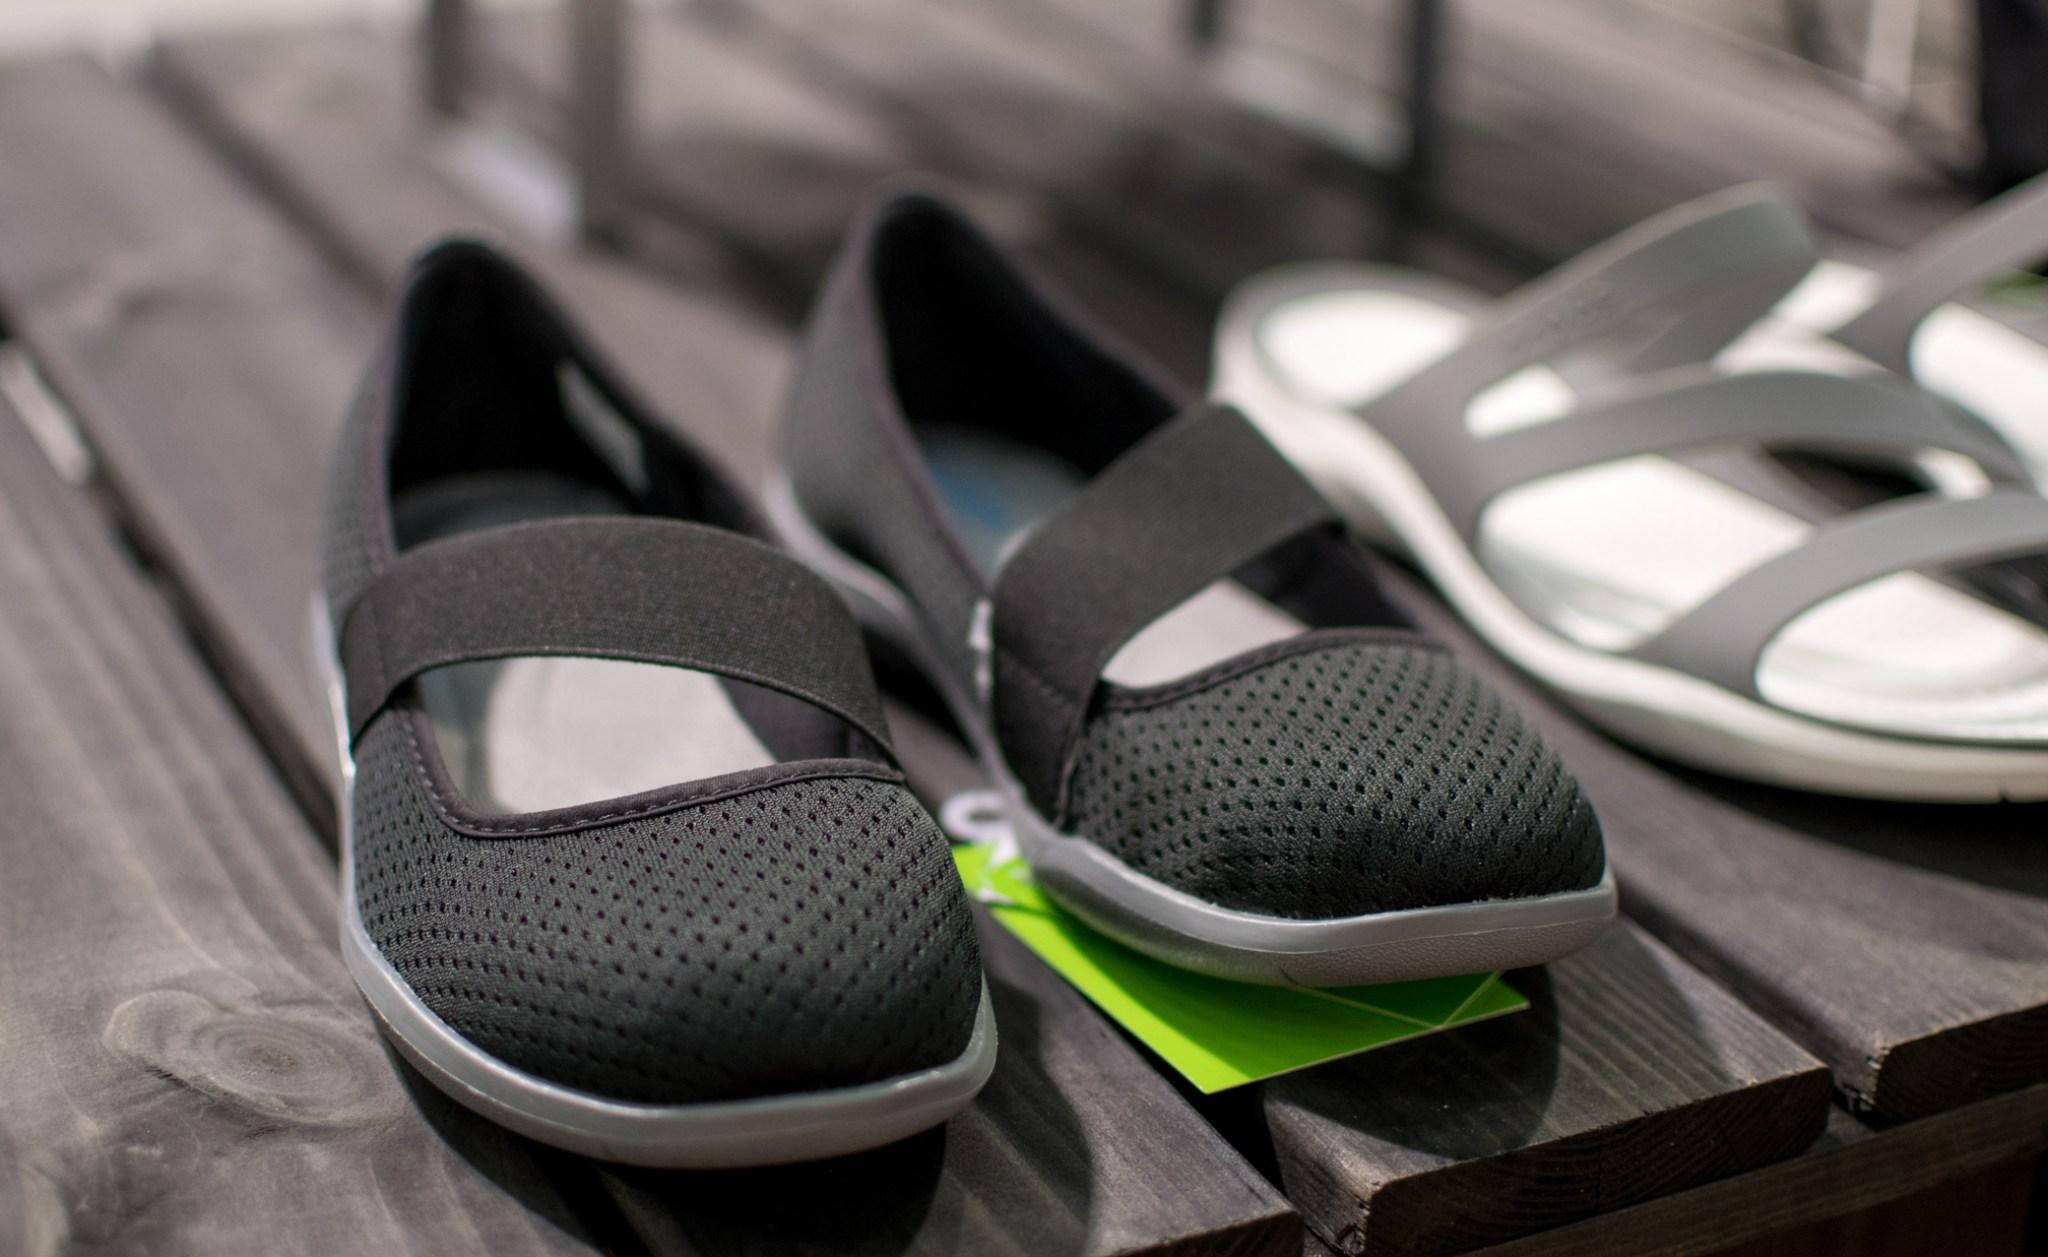 Melkein ostin Crocsit! Kevyet, hyvännäköiset ja helppo sujauttaa jalkaan. Minulla on ollut vähän antipatioita Crocsin molohvi-kenkiä kohtaan, mutta tässä kohtaa jouduin melkein peräytymään periaatteistani. Fanitan salaa myös heidän kevyitä kumppareitaan.